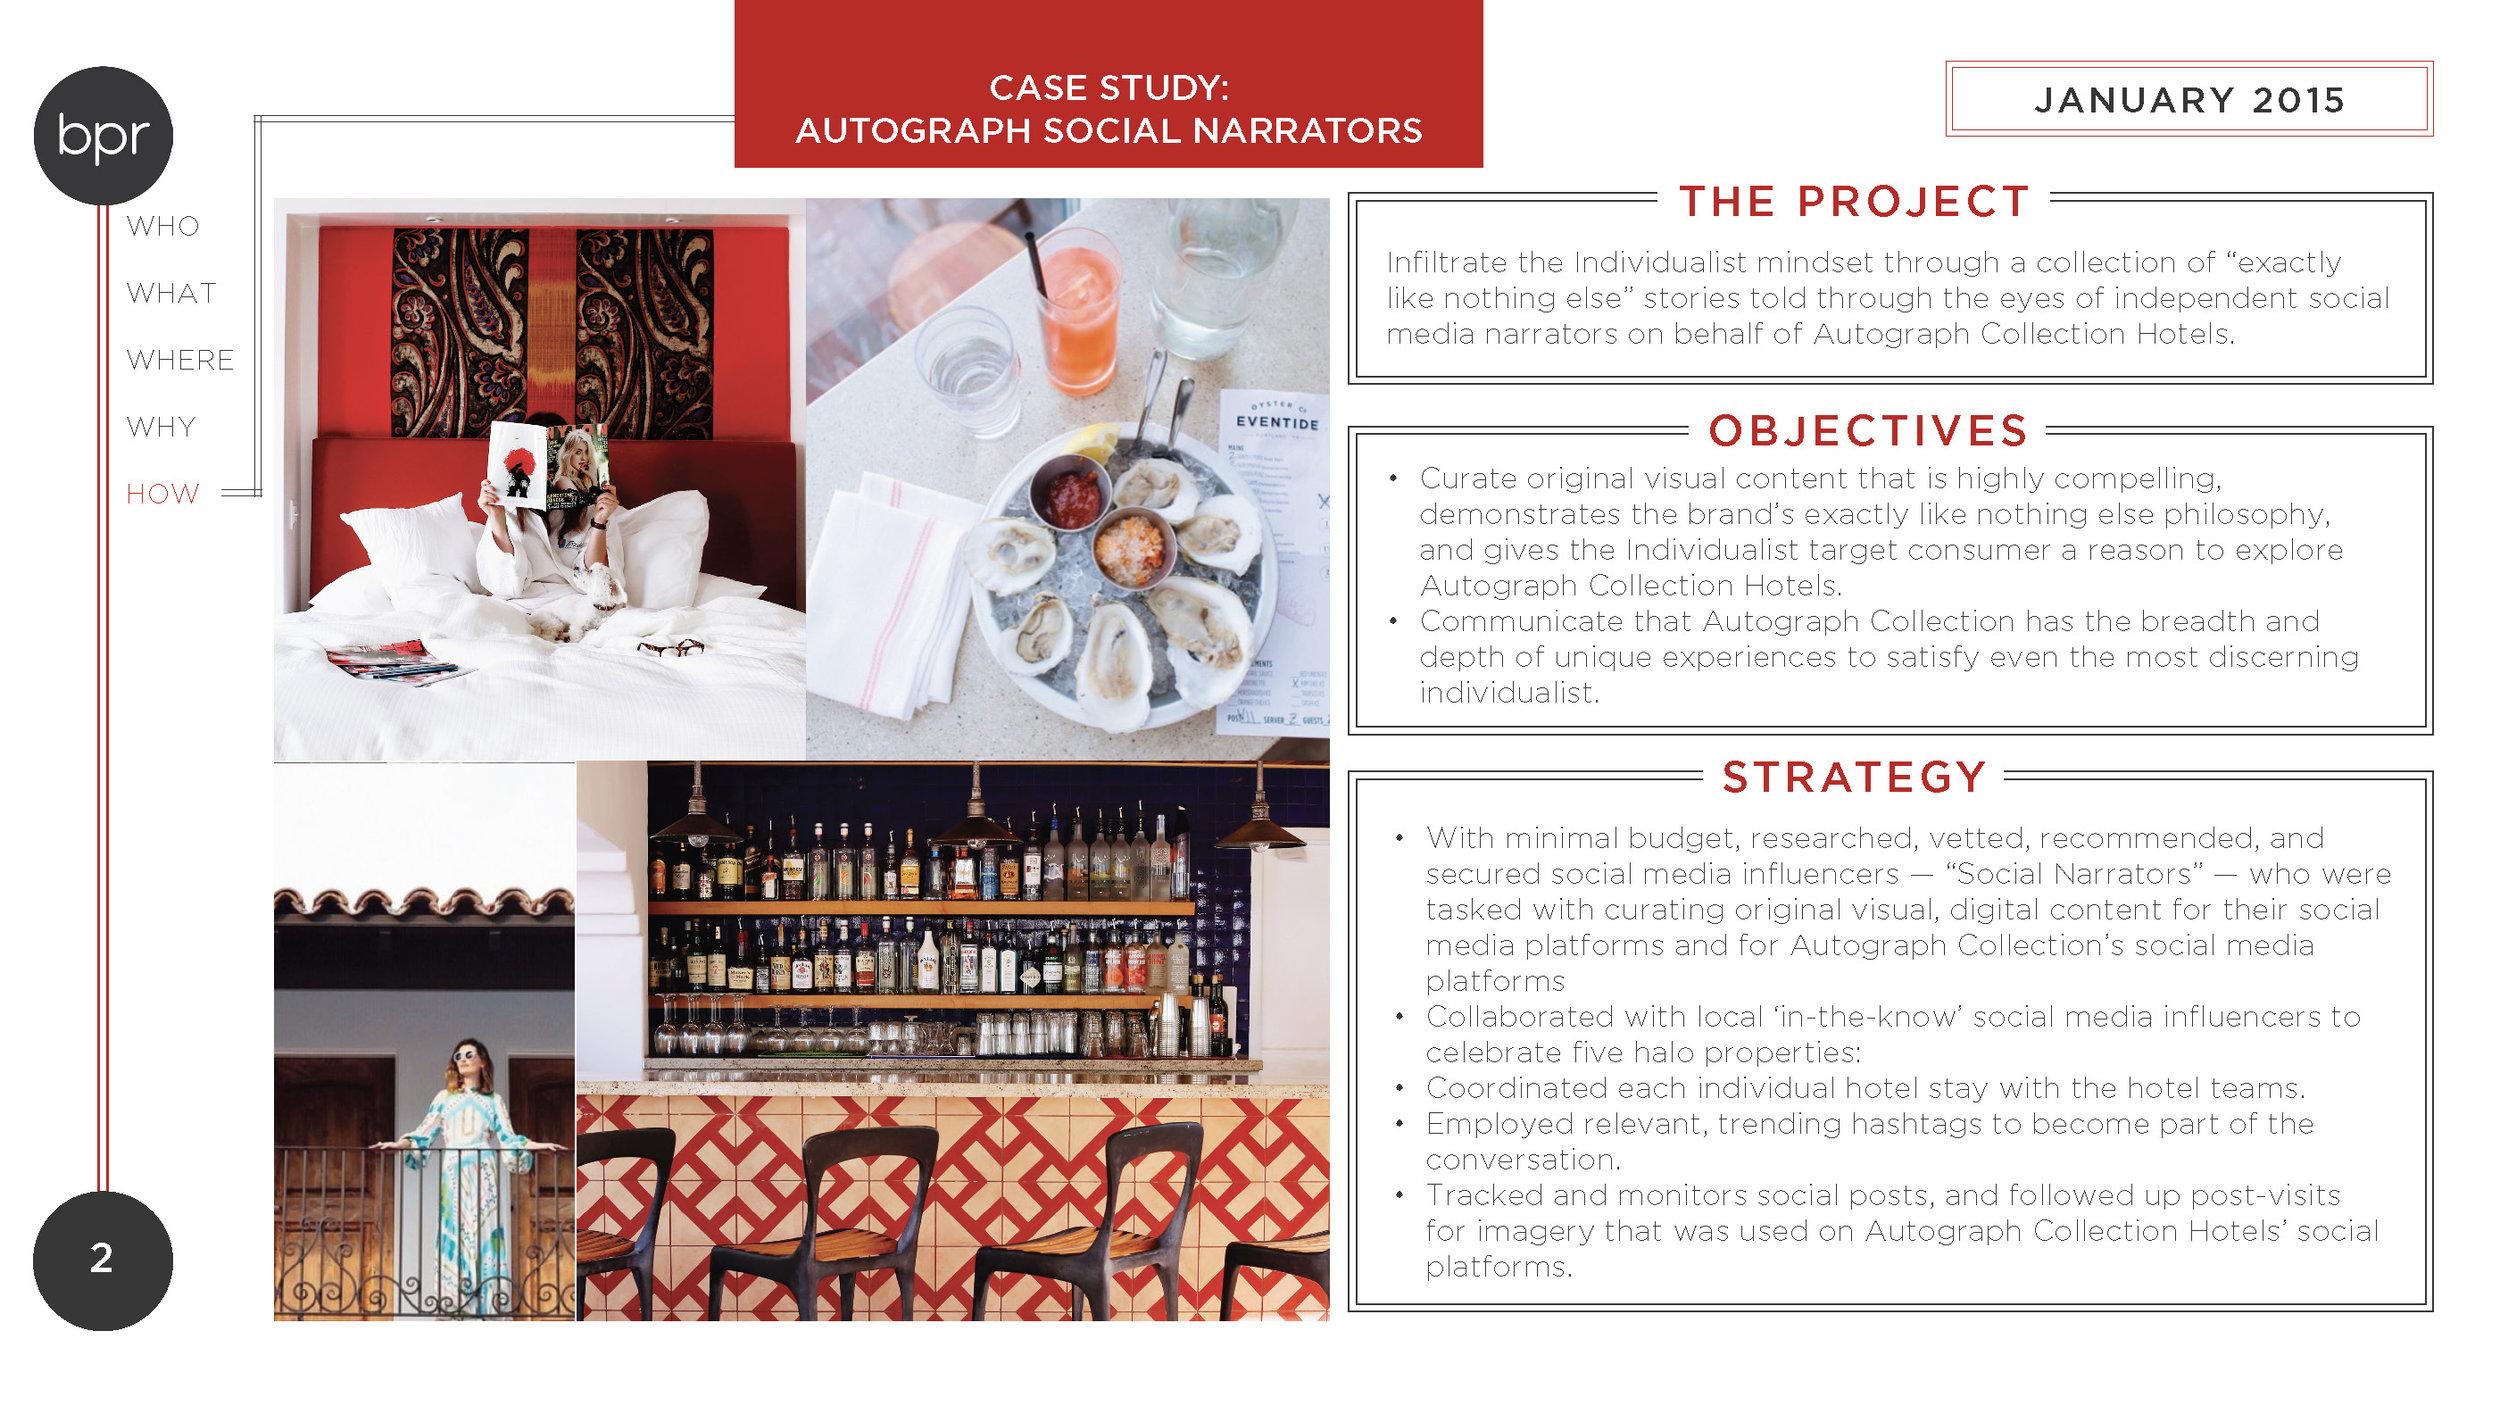 Autograph Social Narrators Case Study_Page_2.jpg